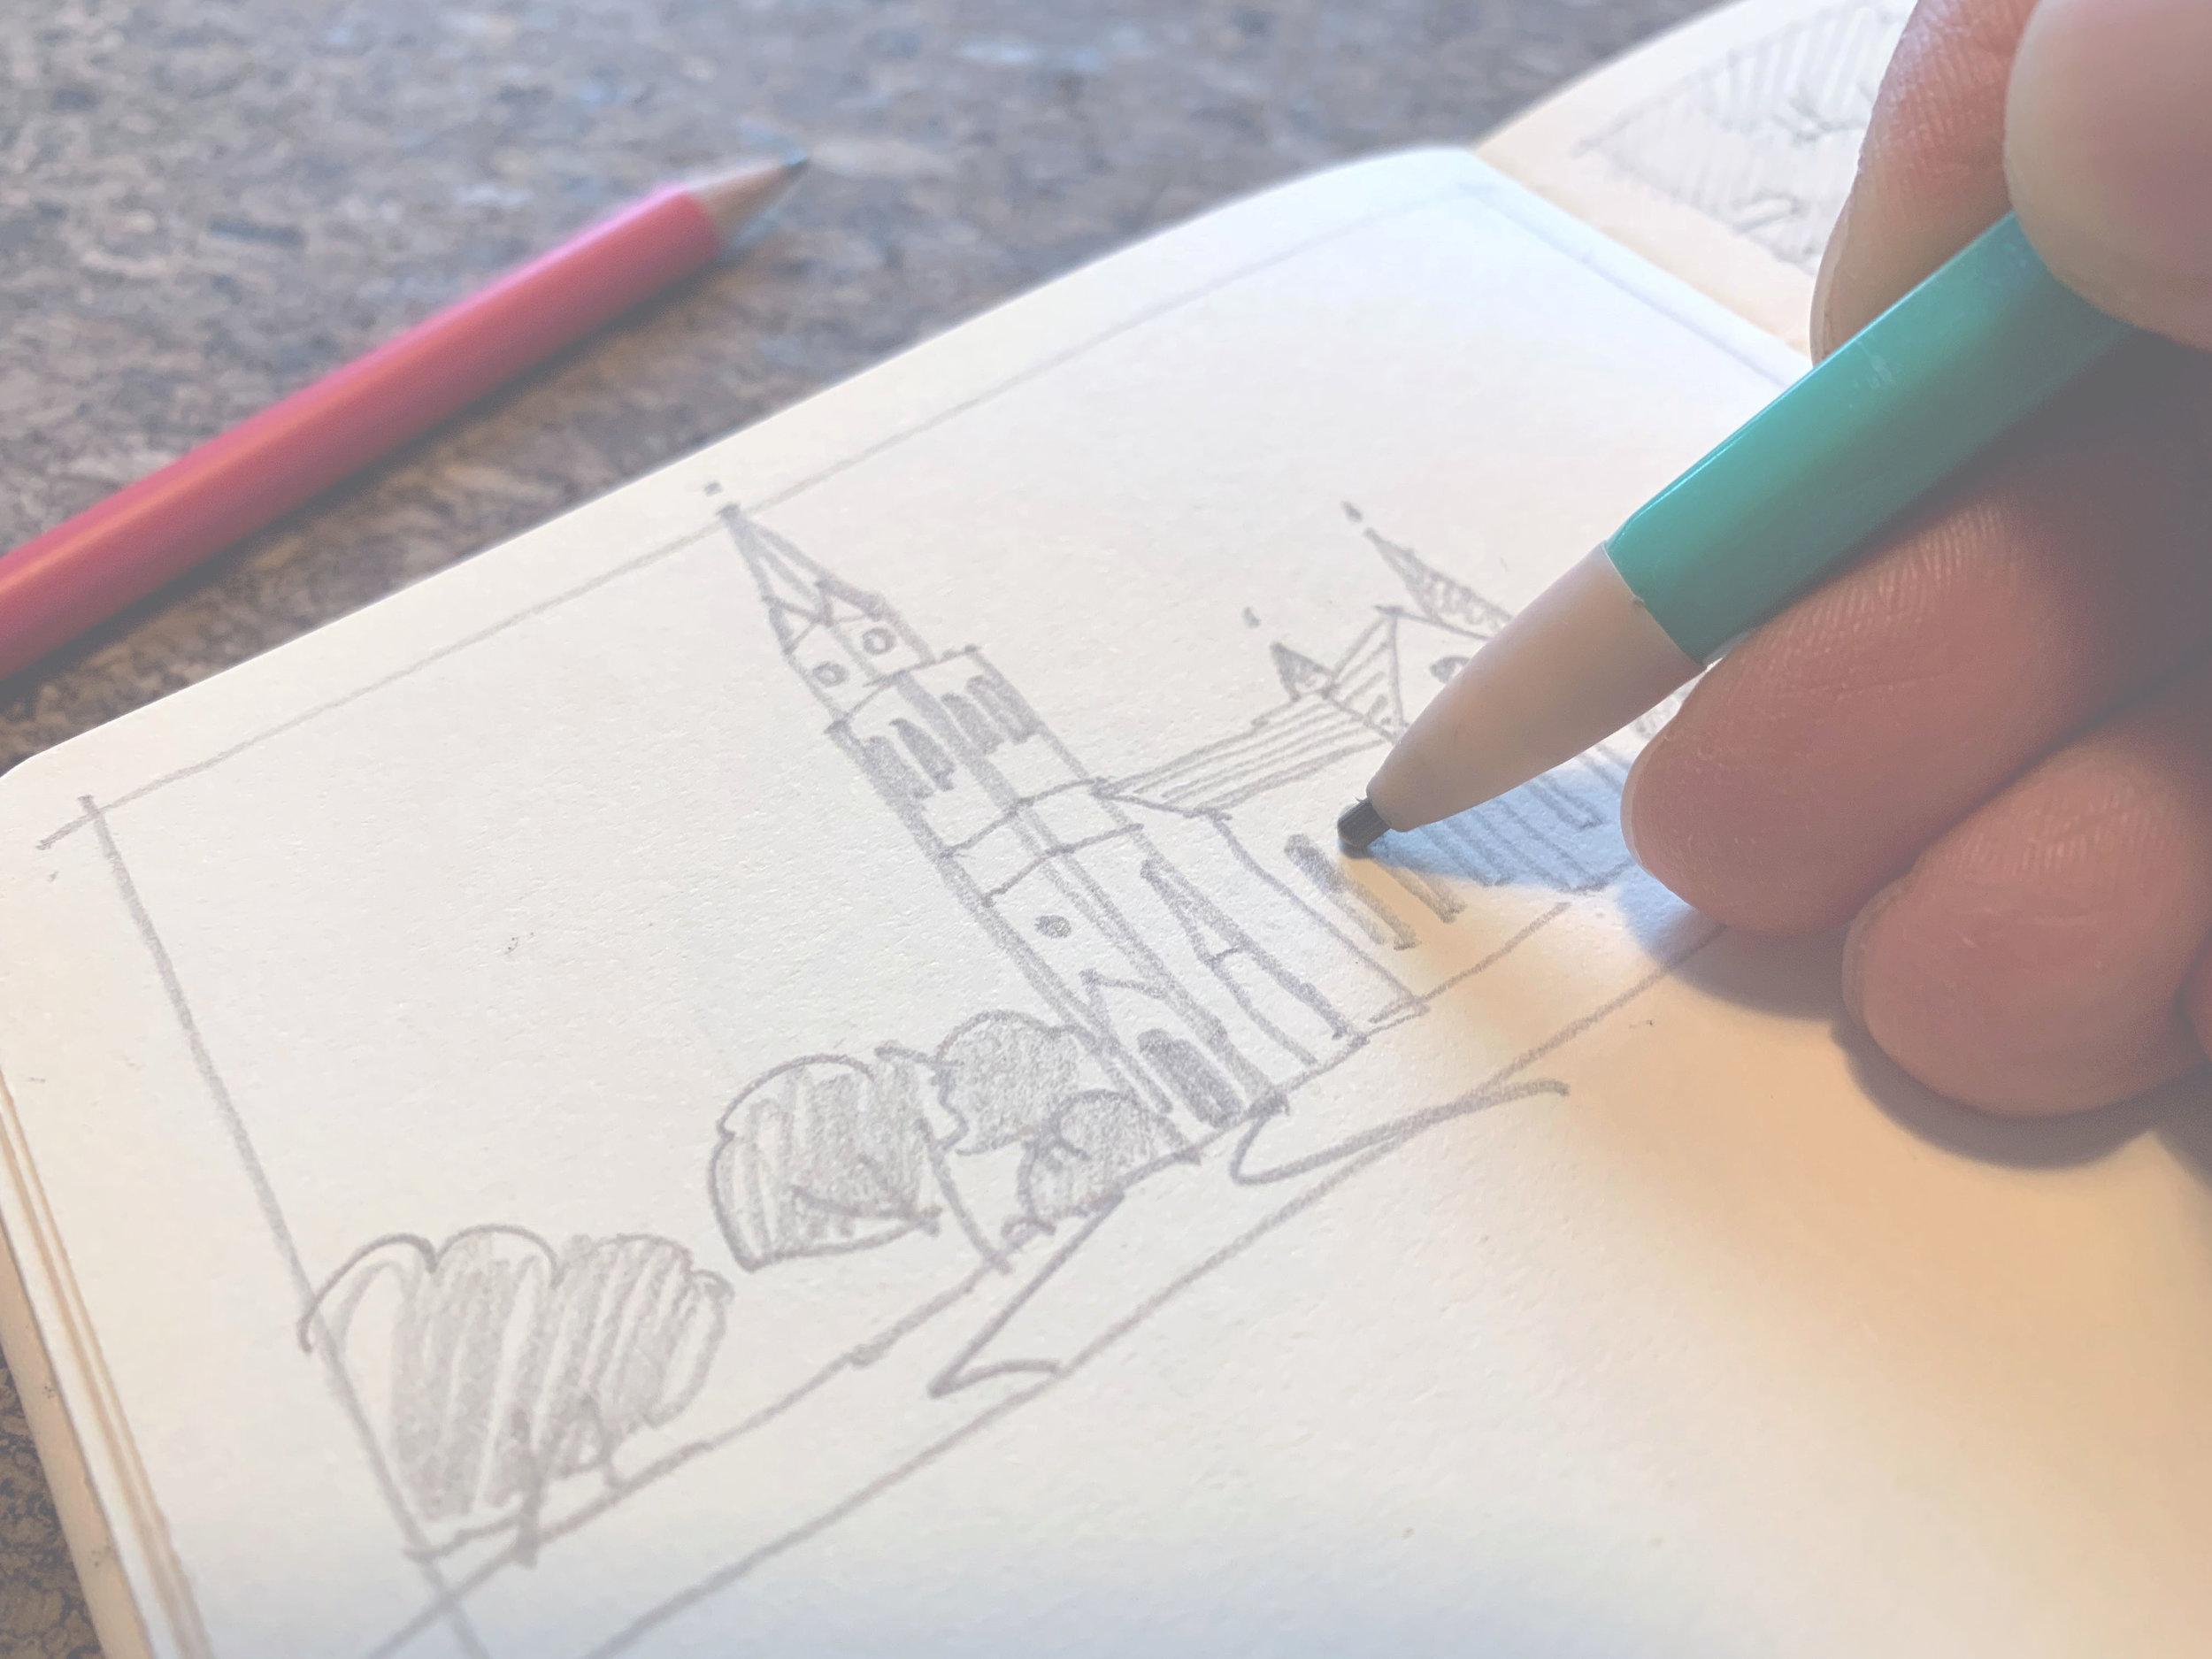 Architektur skizzieren